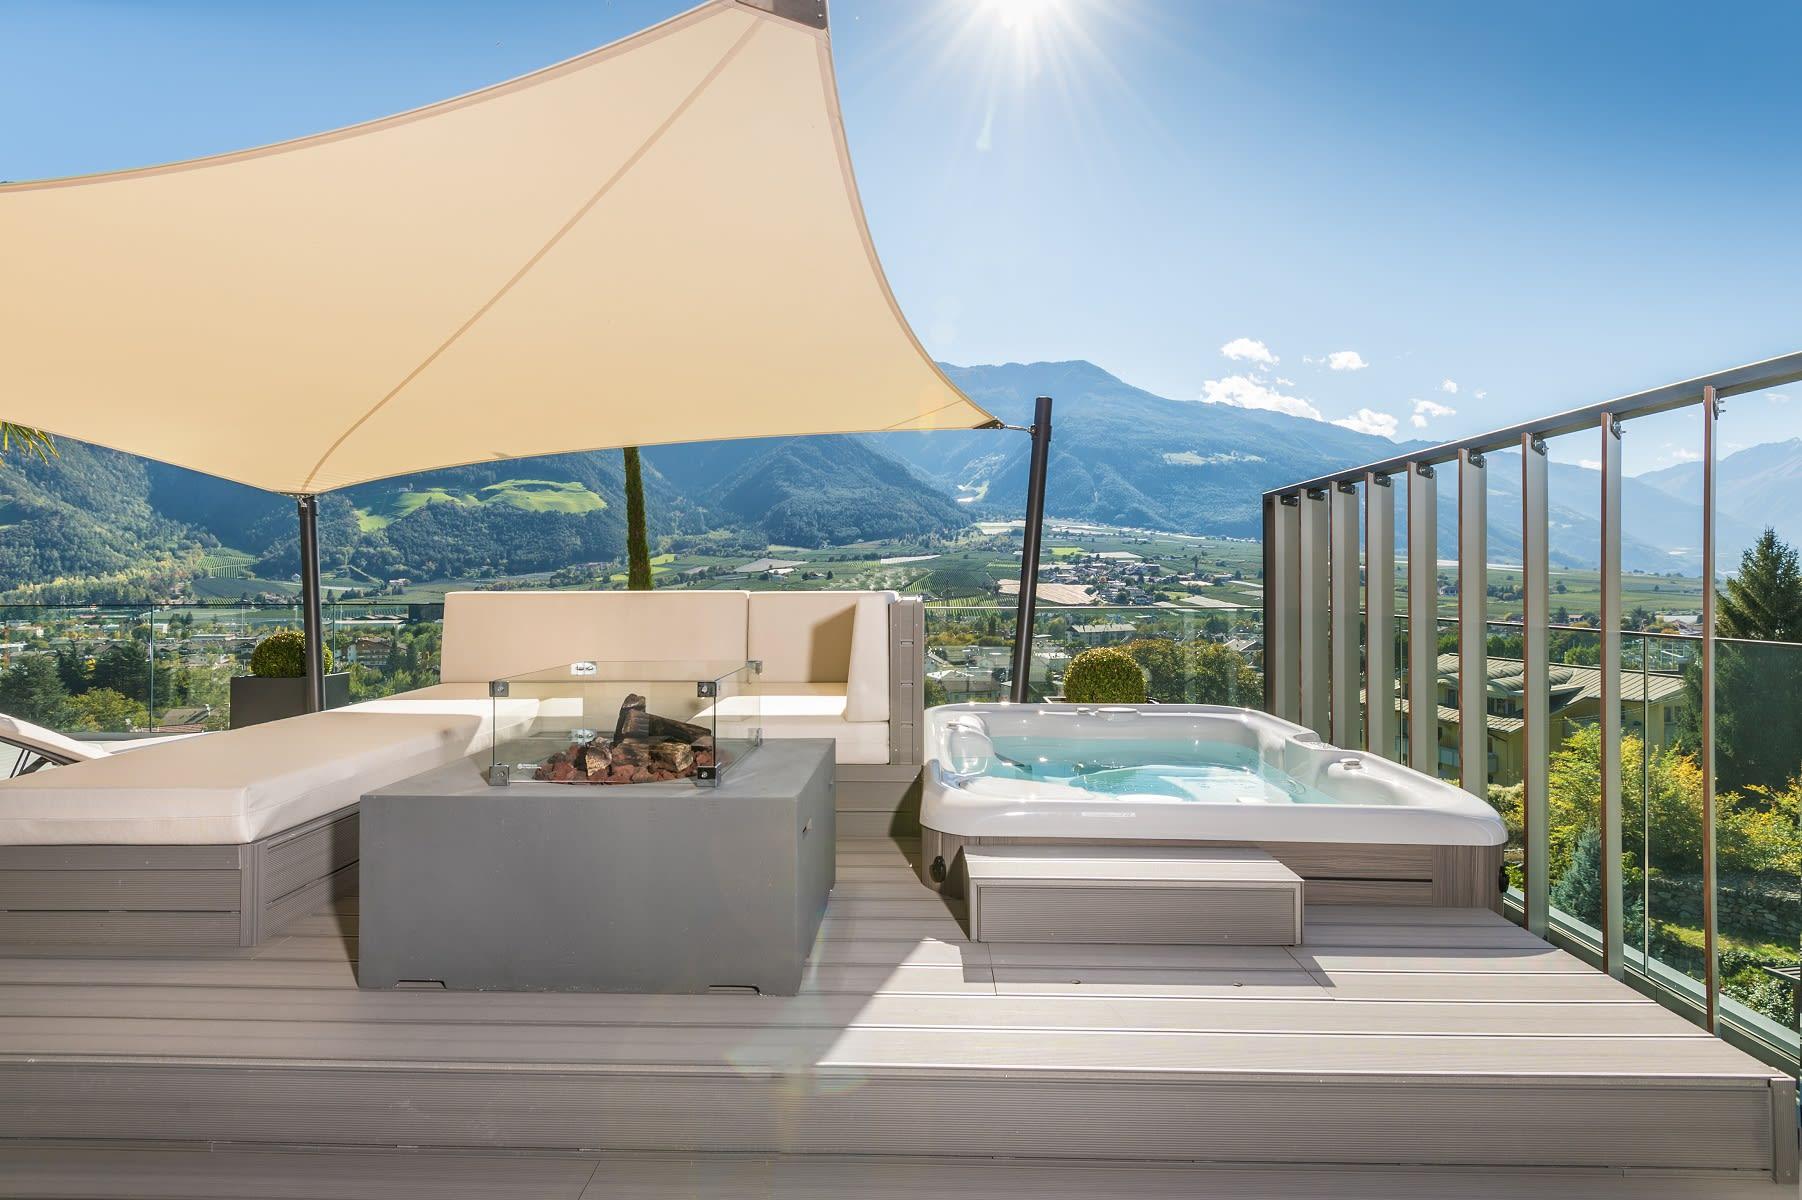 Penthouse Suite DolceVita Premium idromassaggio